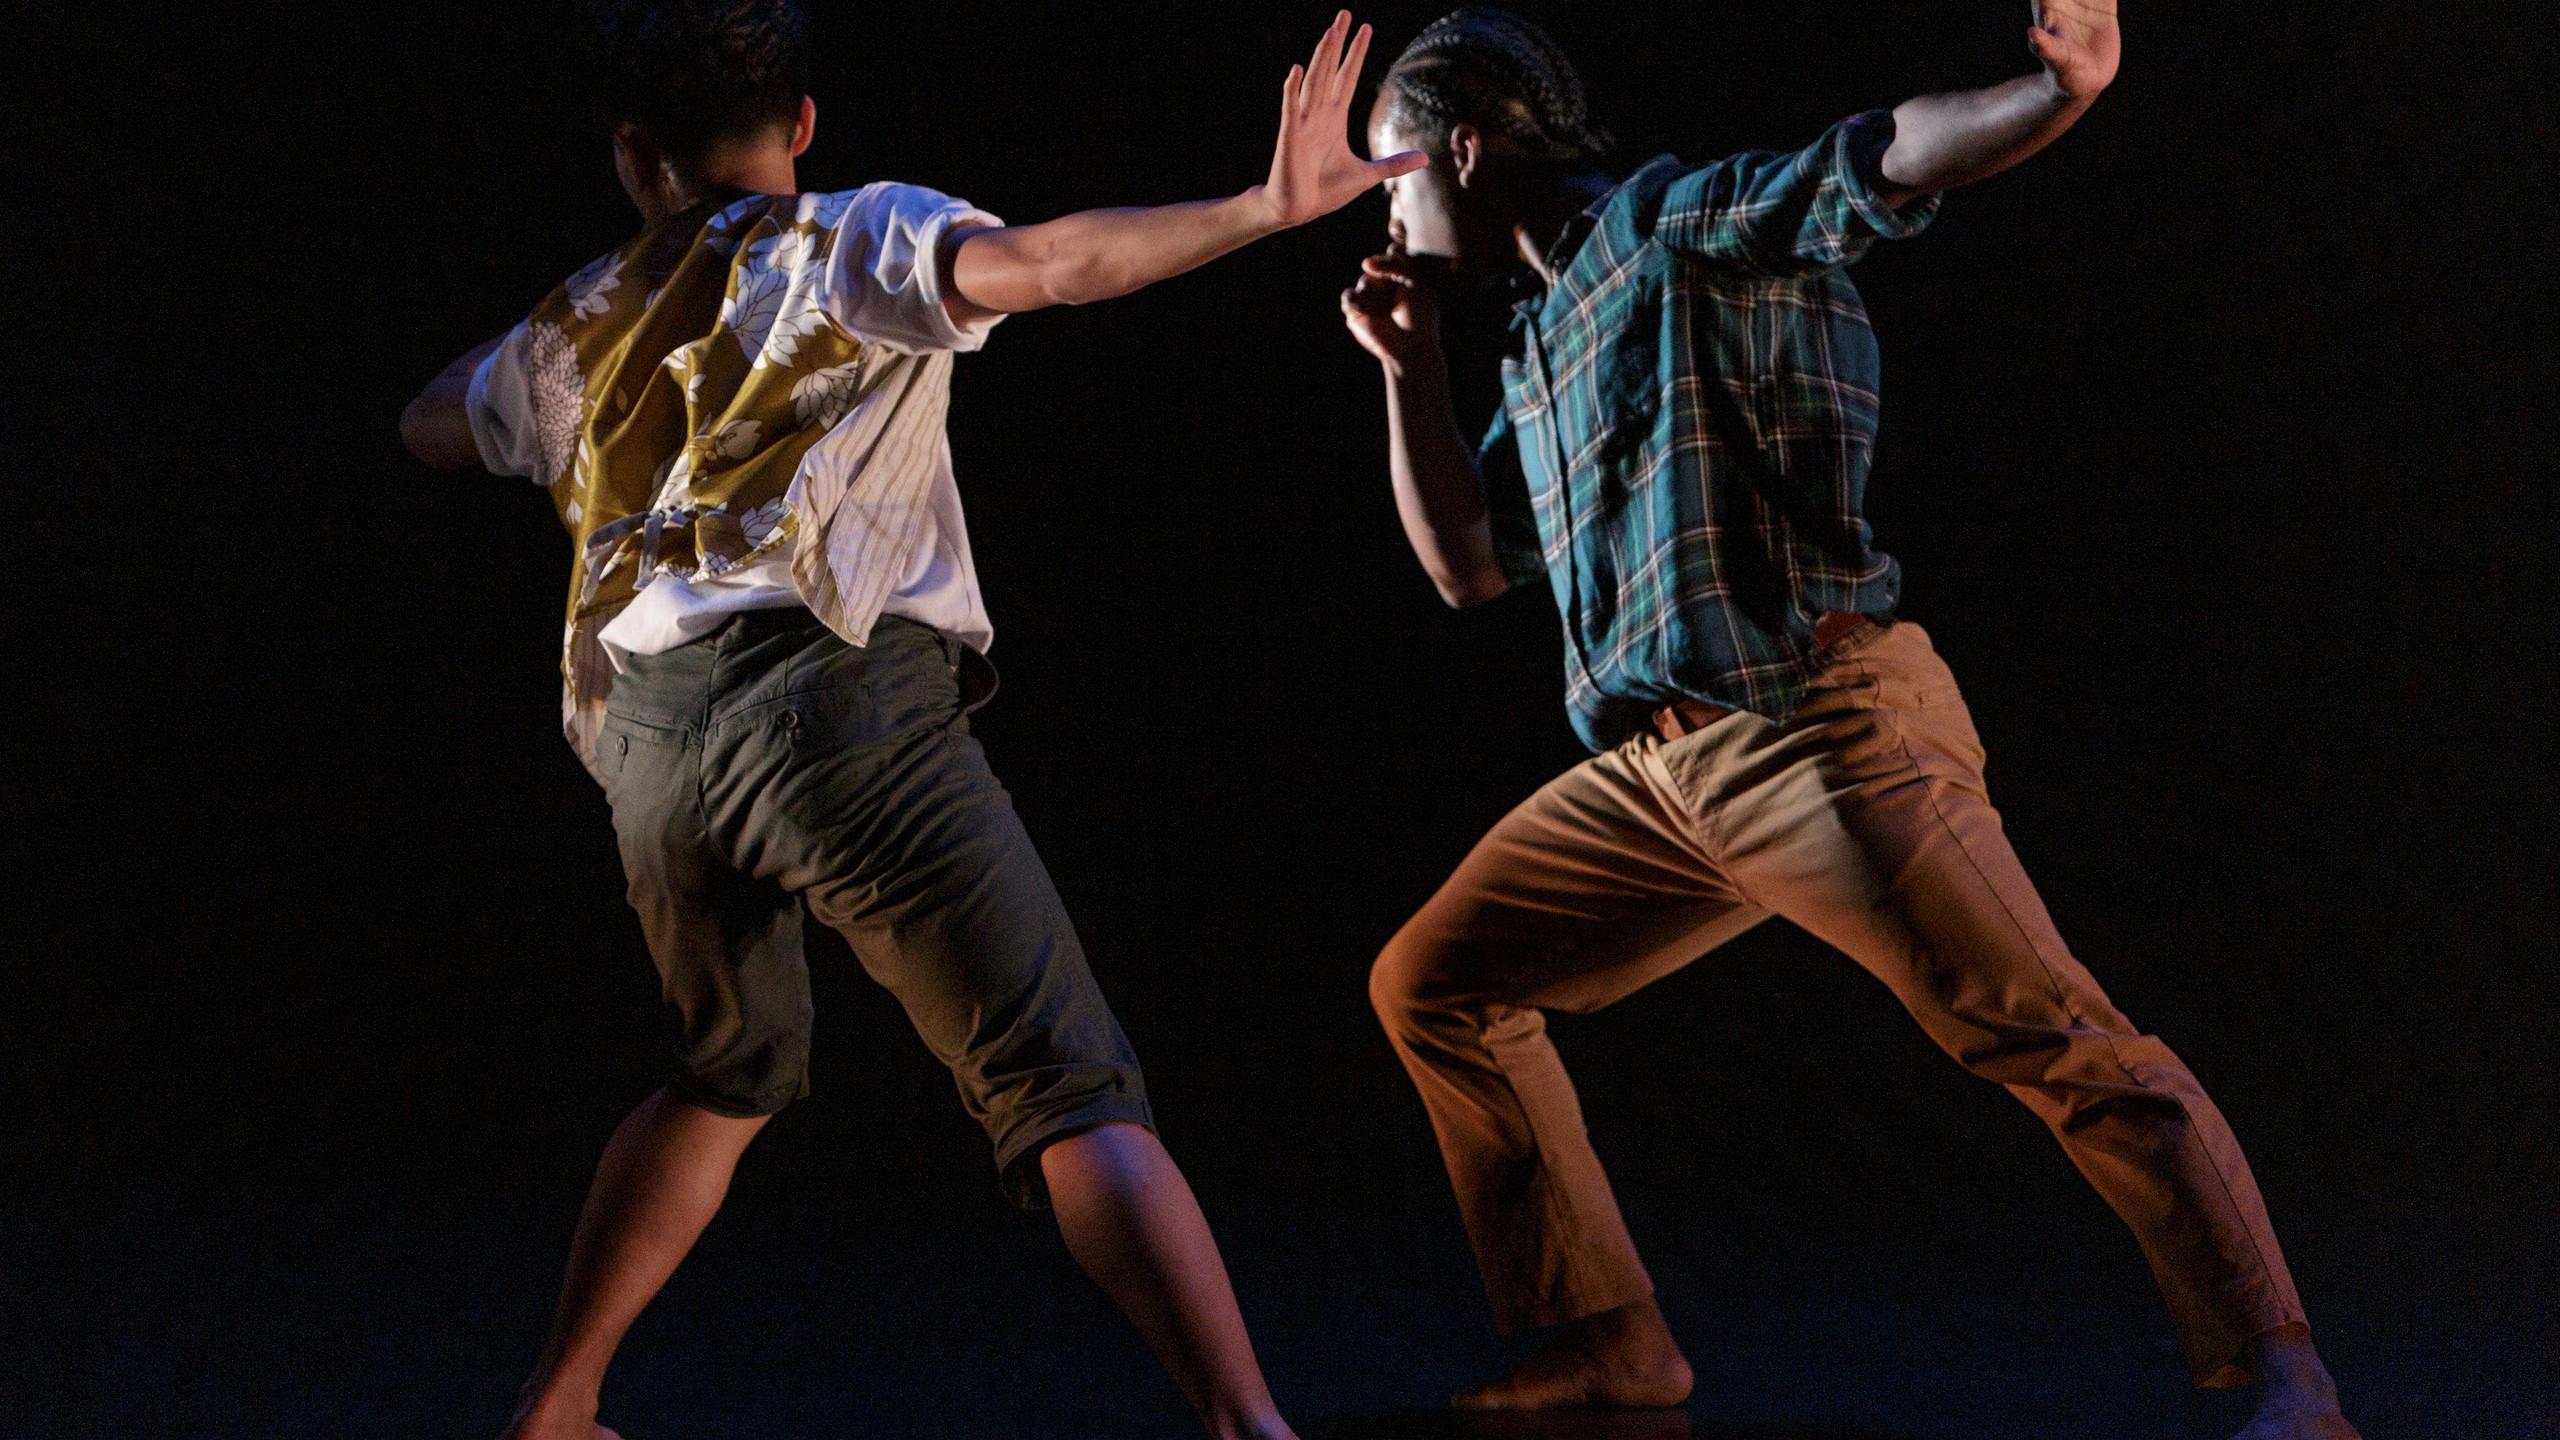 Jeffrey Lapira and Daniel Santokie in 'A Day of Light' Choreography by Hanna Kiel